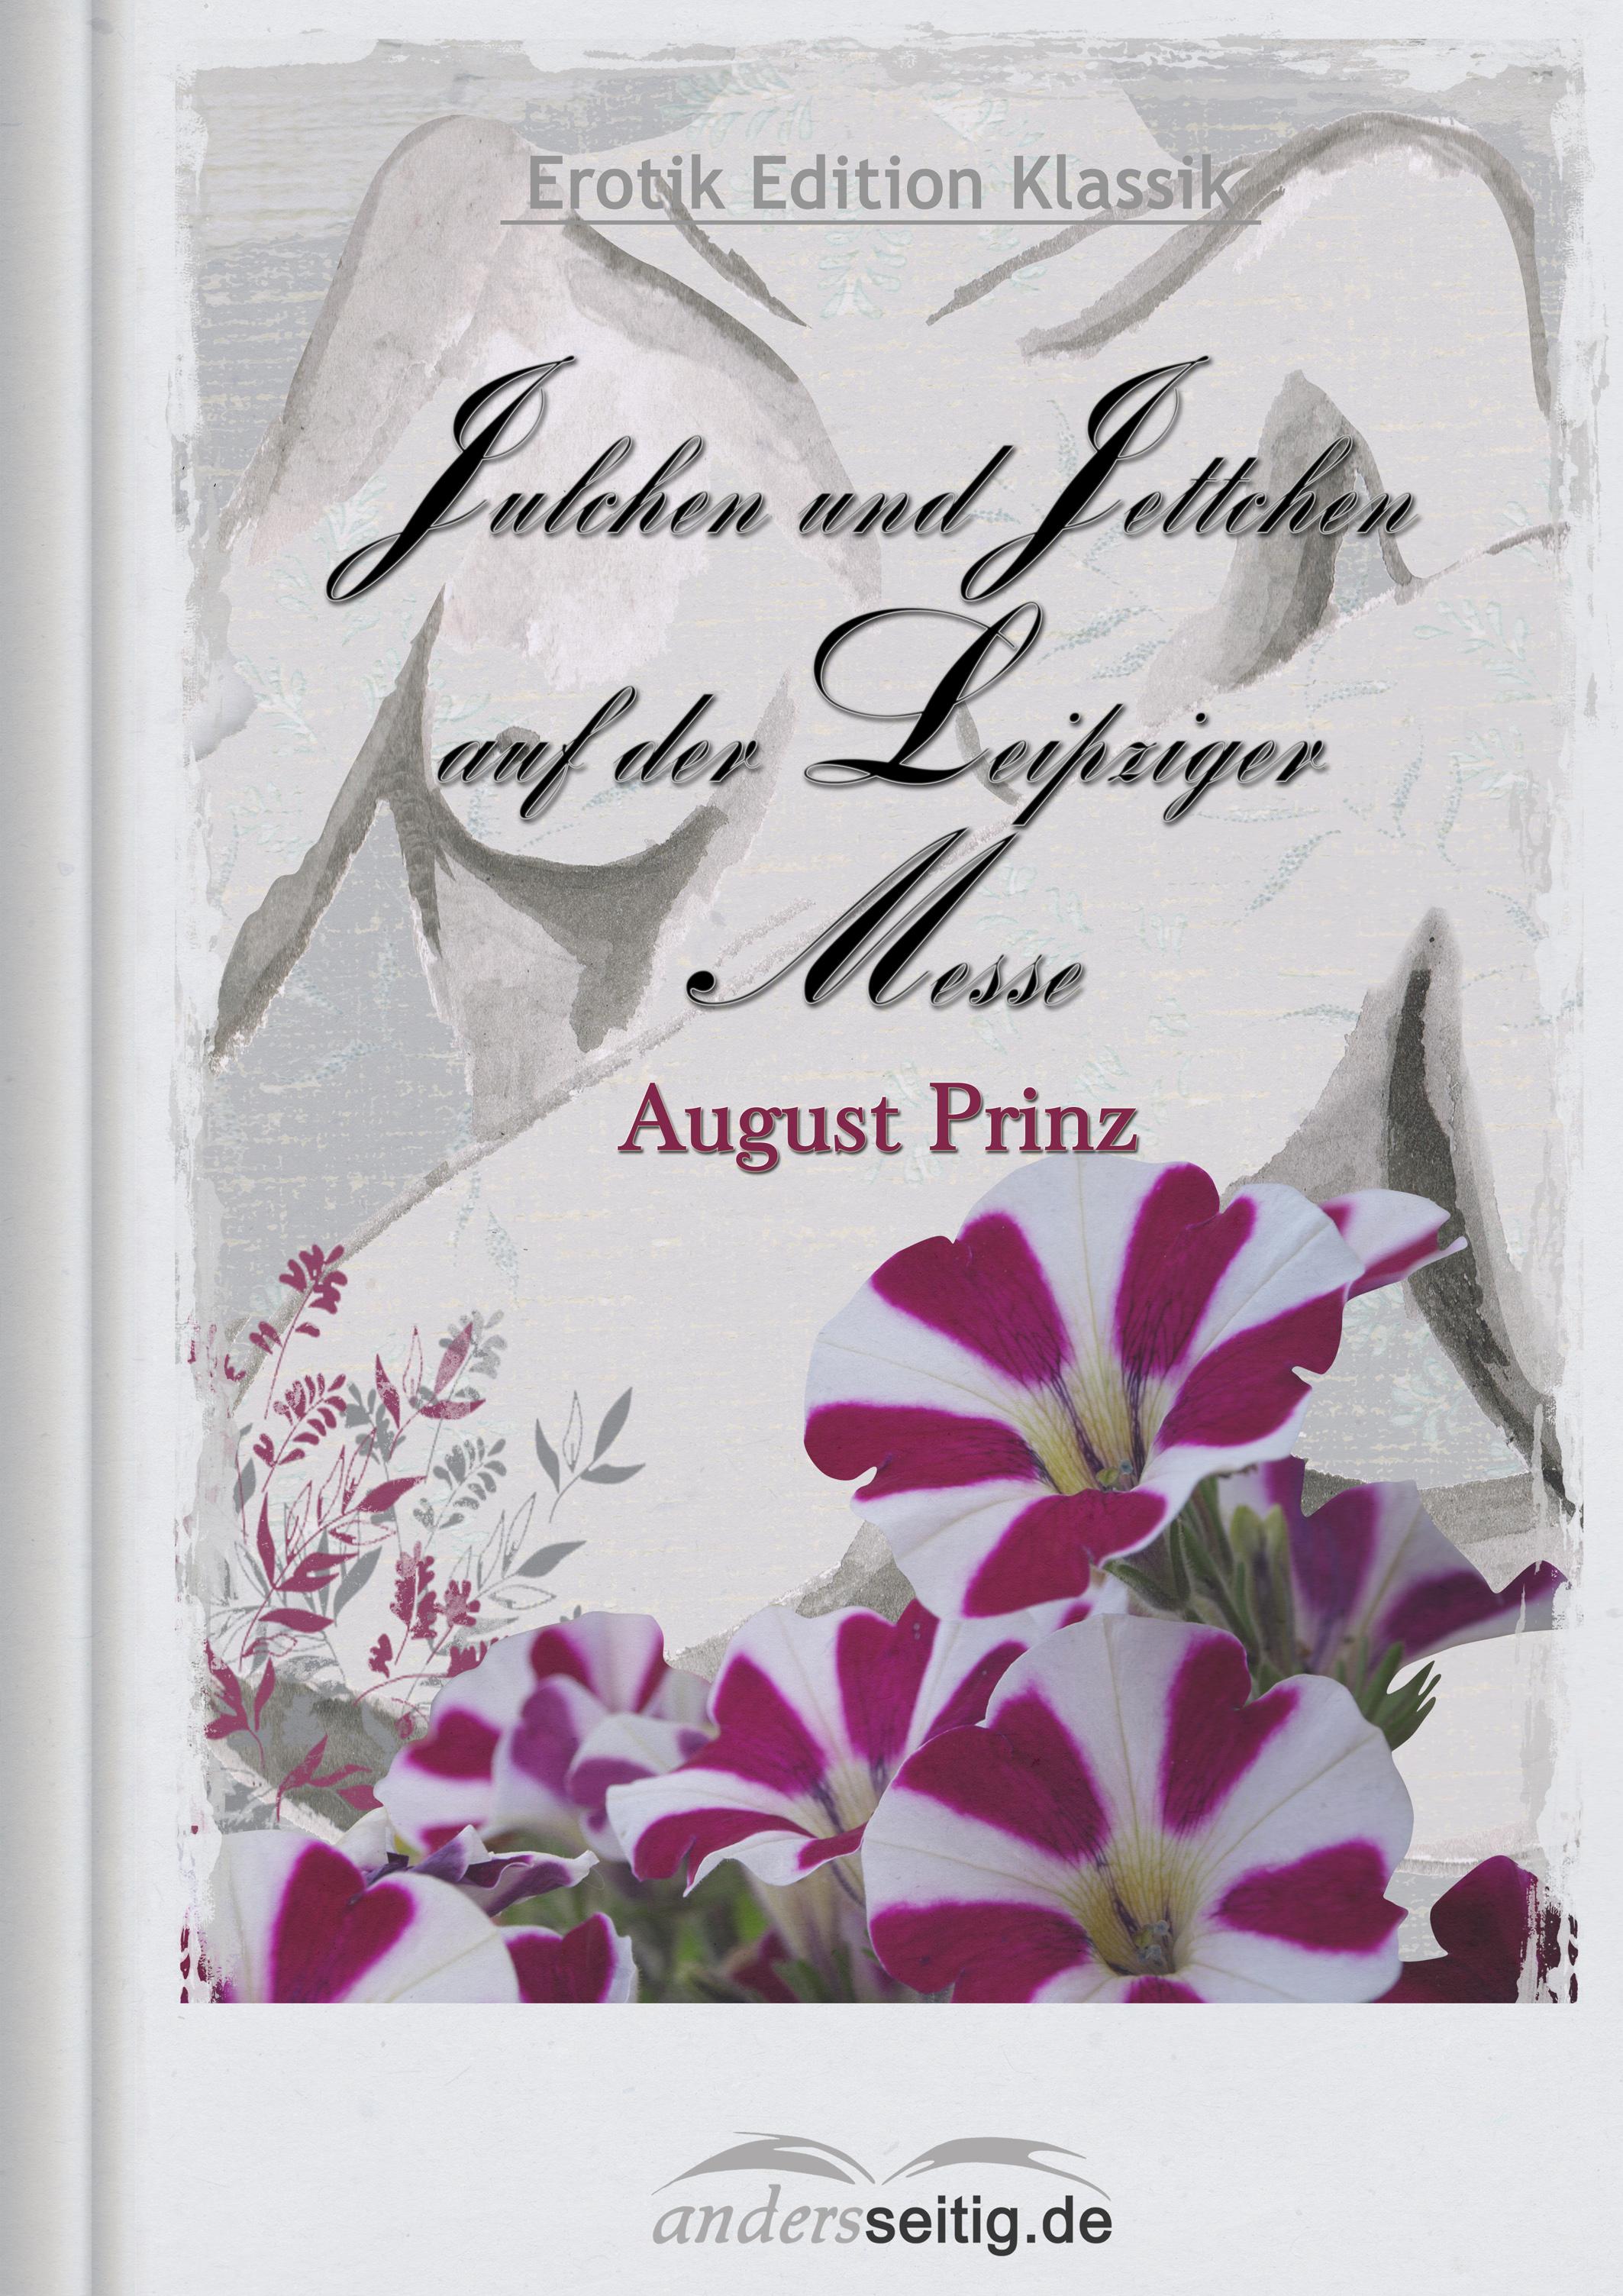 August Prinz Julchen und Jettchen auf der Leipziger Messe